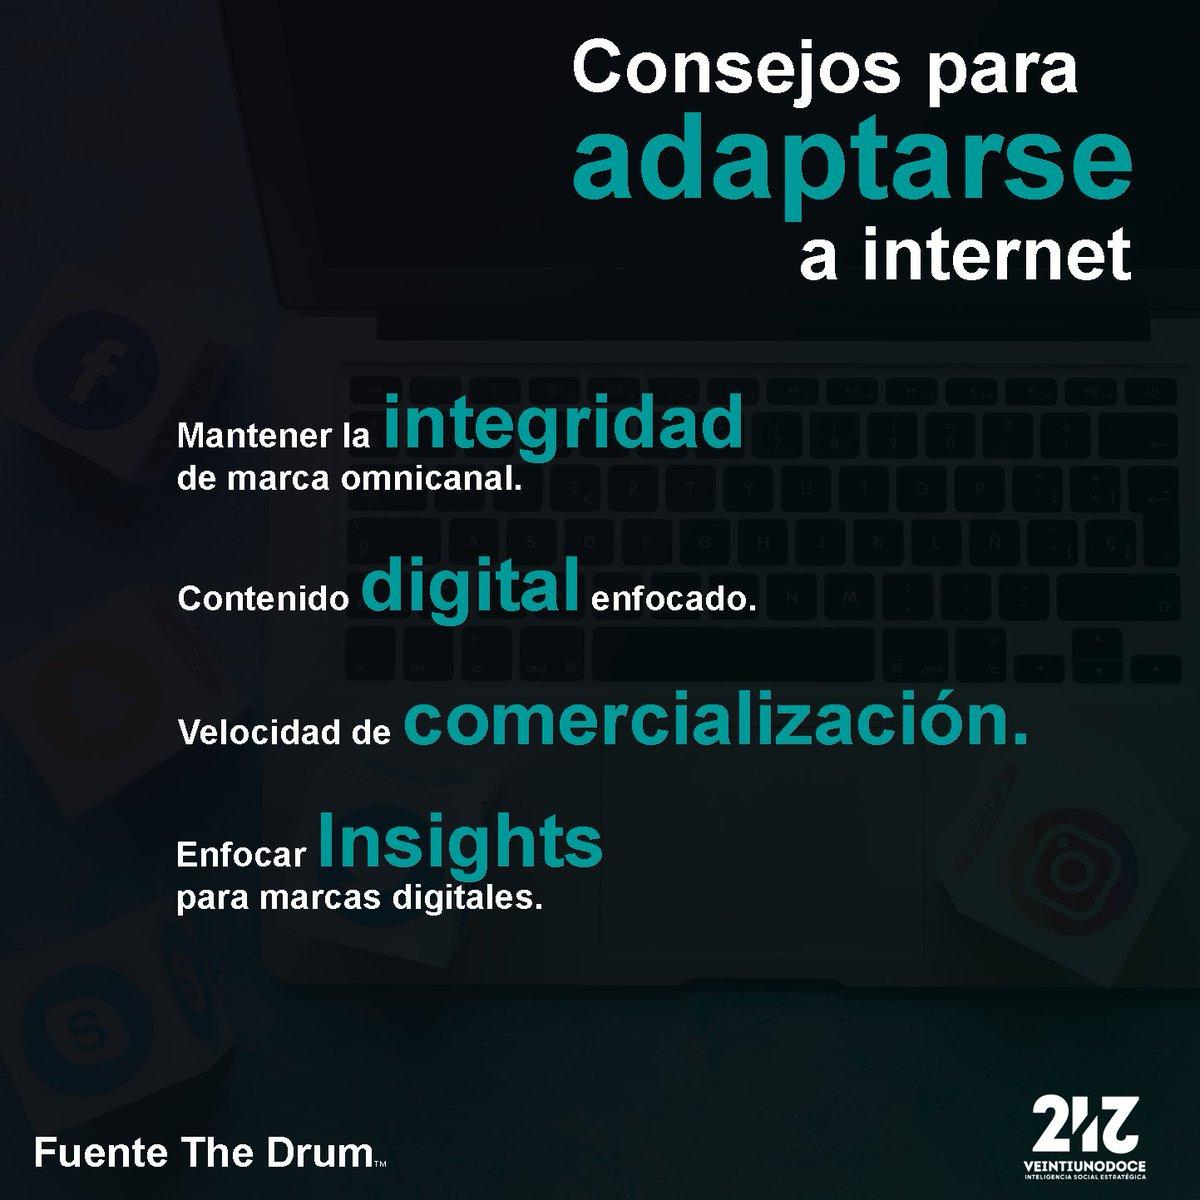 ¿Sabes de que forma @CocaColaMx ha logrado una transformación digital consiguiendo aprovechar el #ecommerce? Aquí algunos simples #Consejos https://t.co/F9W4Z0LL31